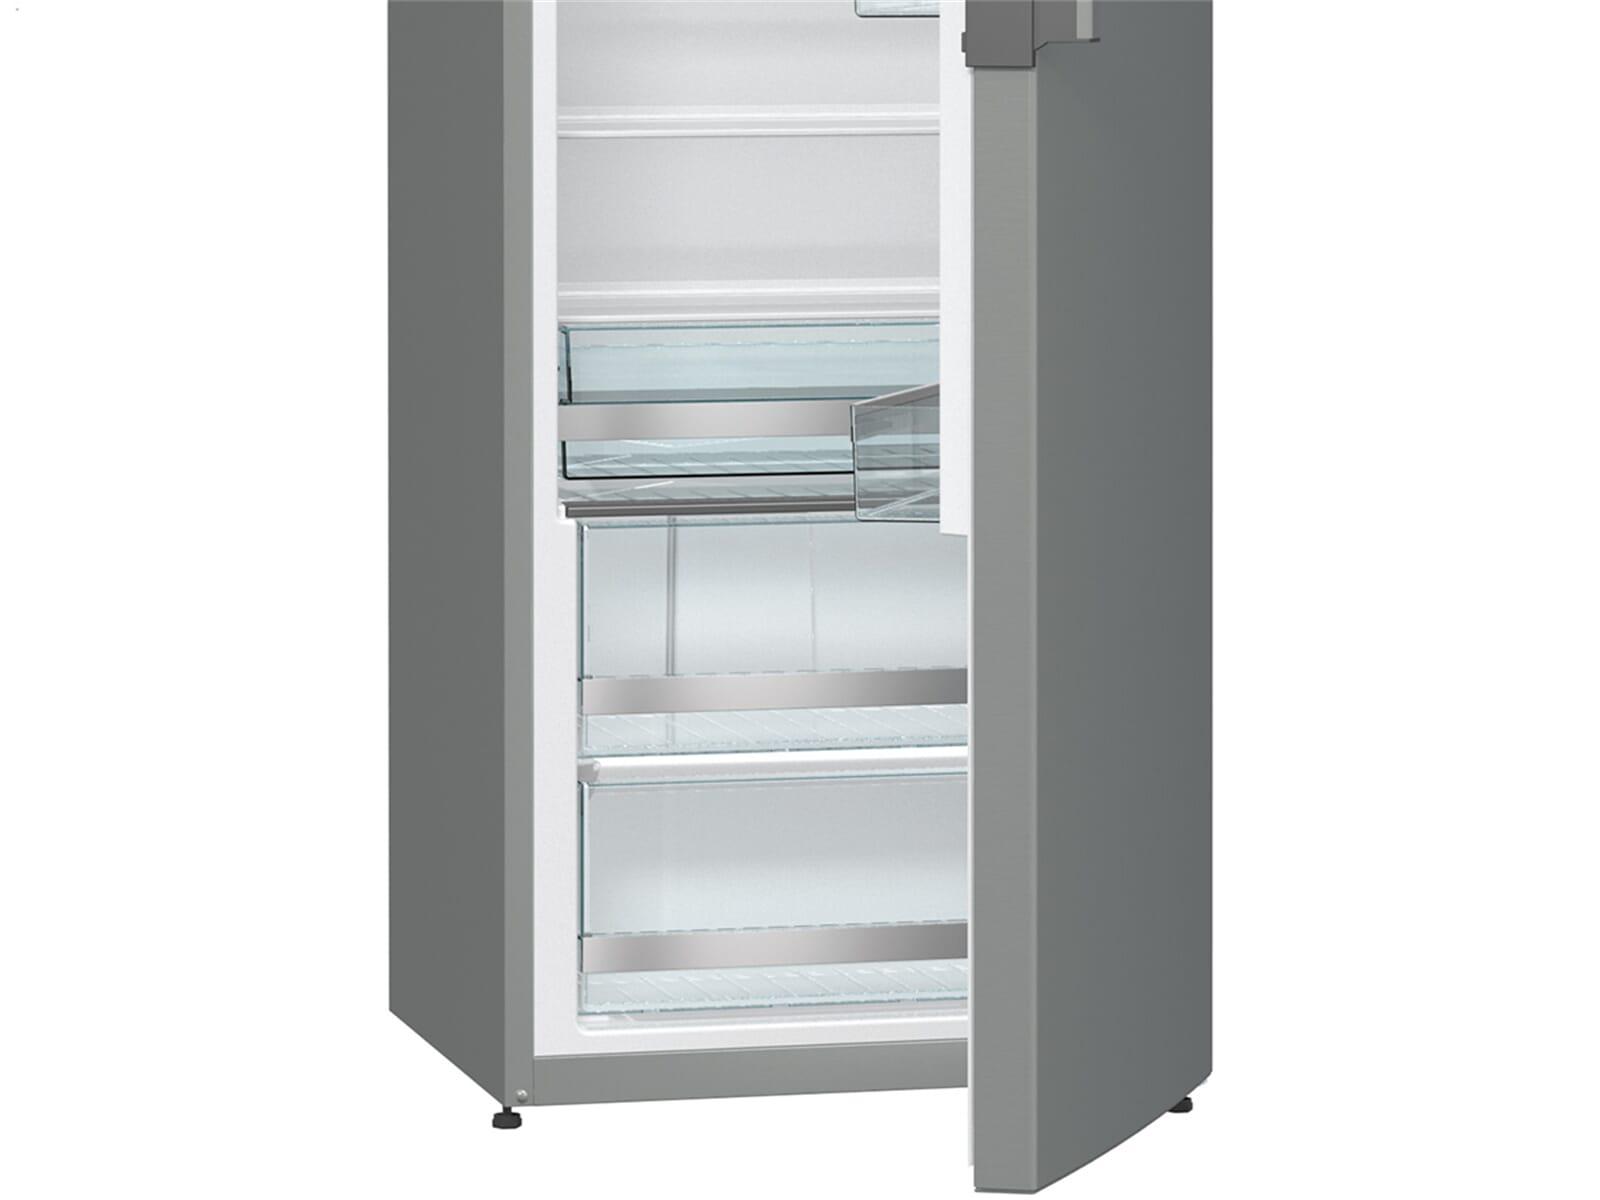 Gorenje R6193lx Kühlschrank : Gorenje r 6193 lx standkühlschrank grau metallic ebay